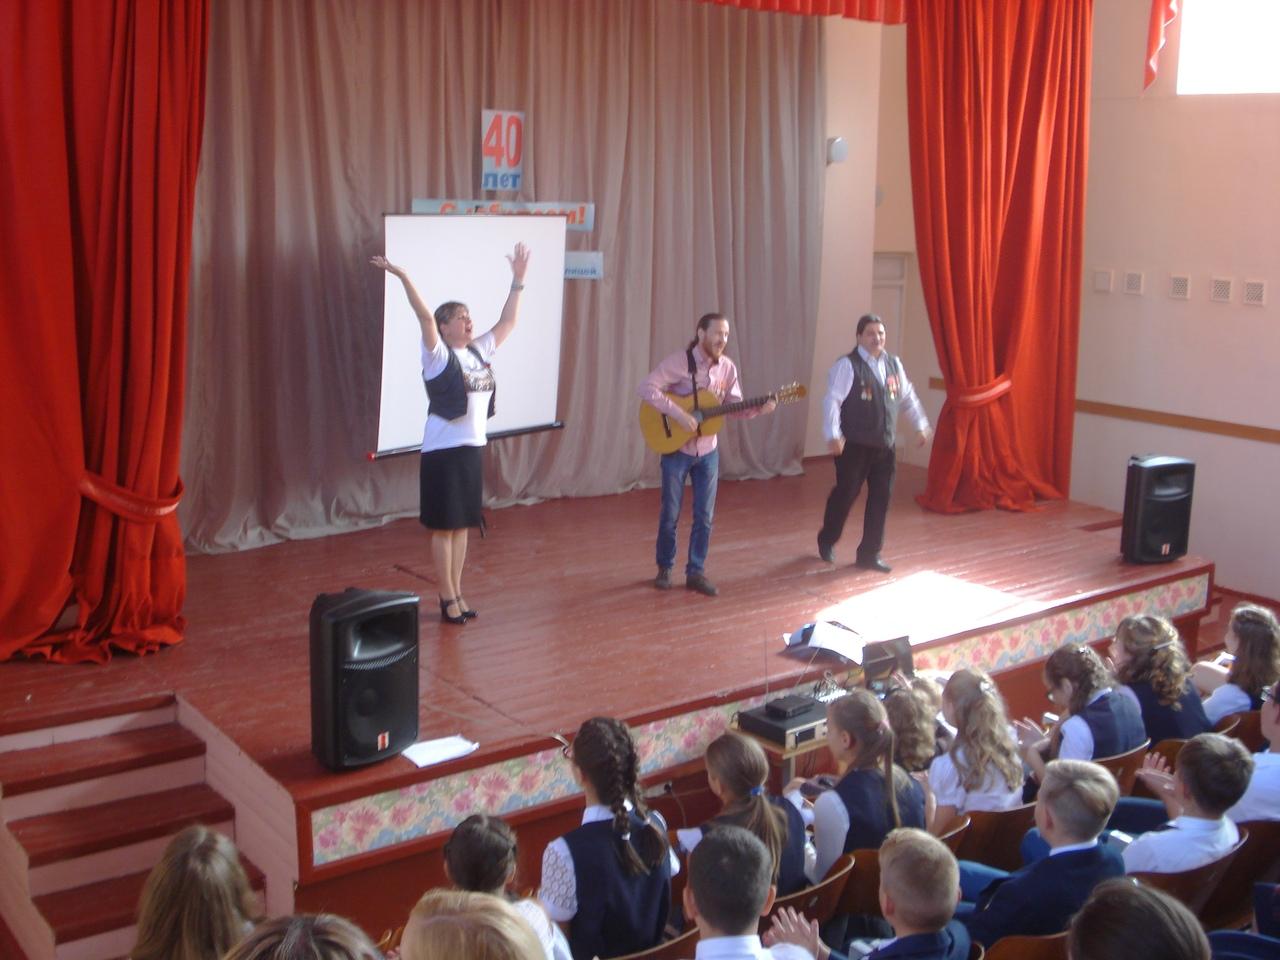 отдел обслуживания учащихся 5-9 классов, Донецкая республиканская библиотека для детей, день знаний, занятия с детьми, в библиотеке интересно, урок гражданственности